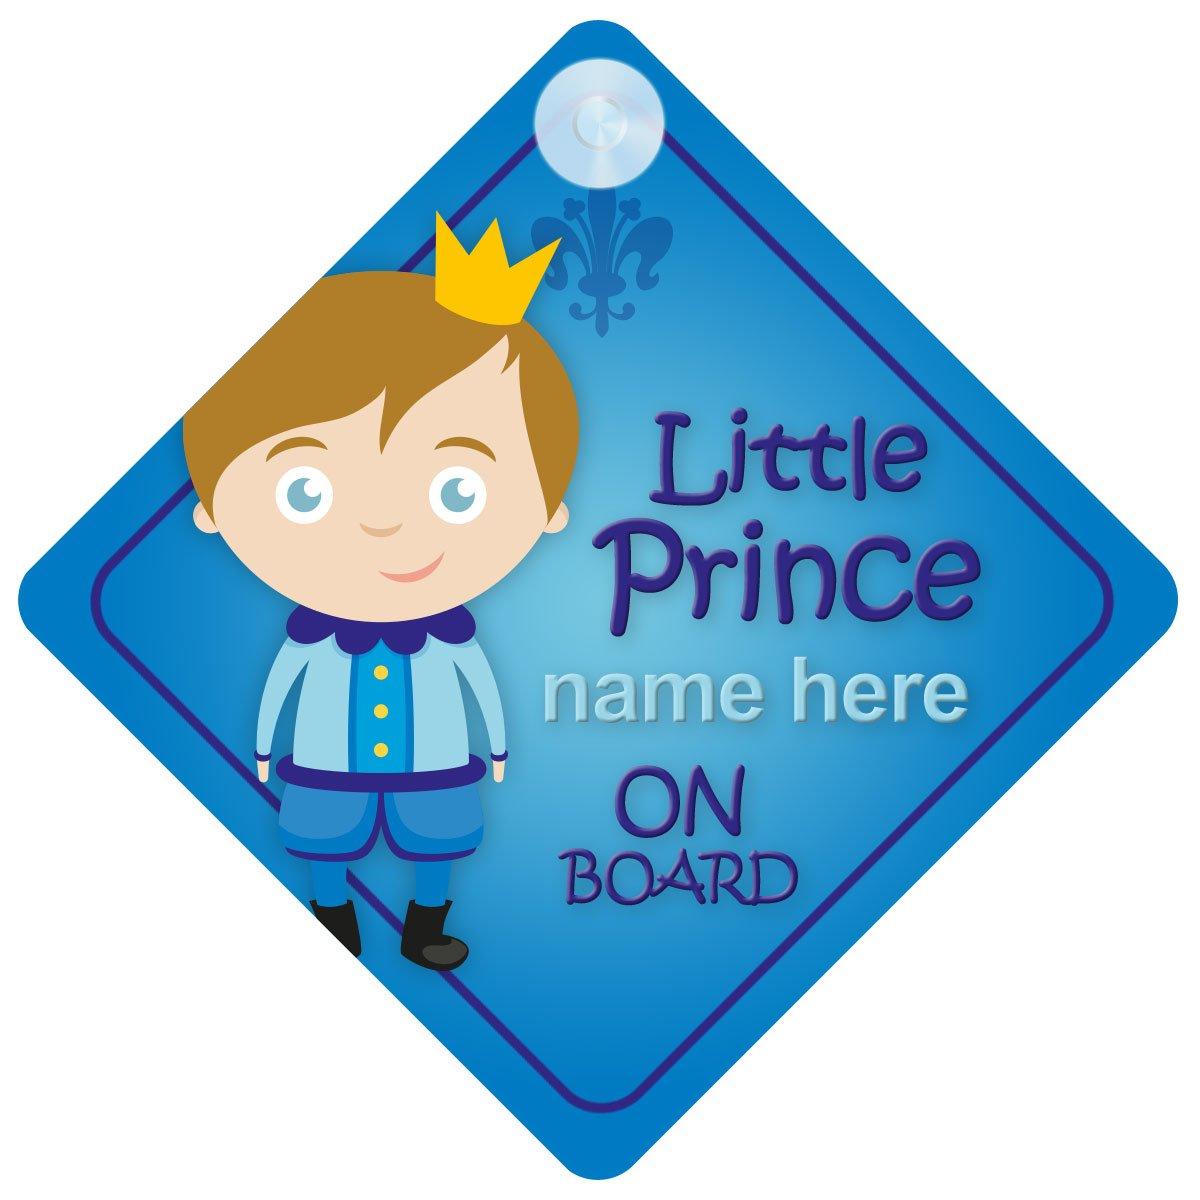 Piccolo Principe a bordo personalizzato auto Sign New Baby Boy/child Gift/present BLP002 Quality Goods Ltd